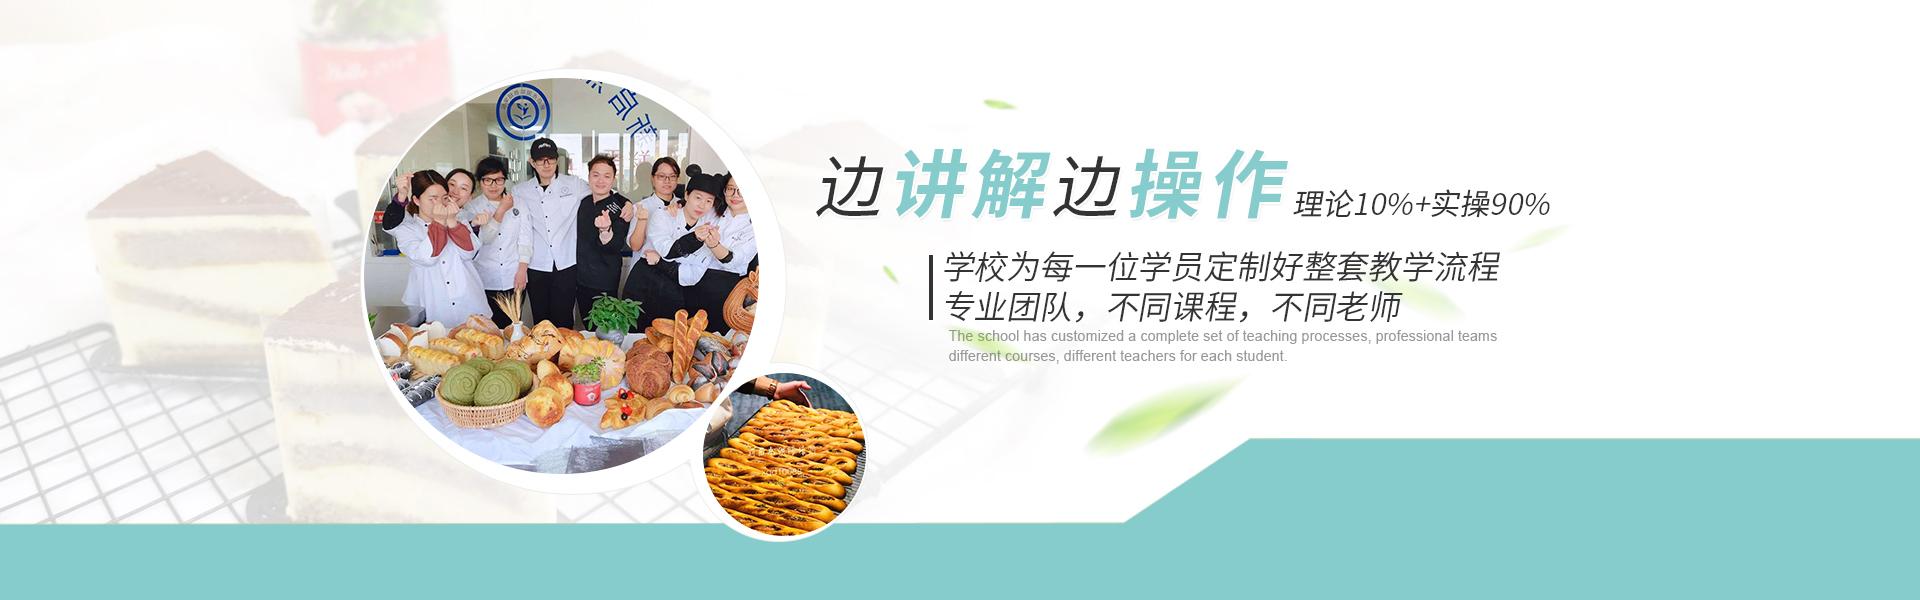 溫州新啟點餐飲企業管理有限公司